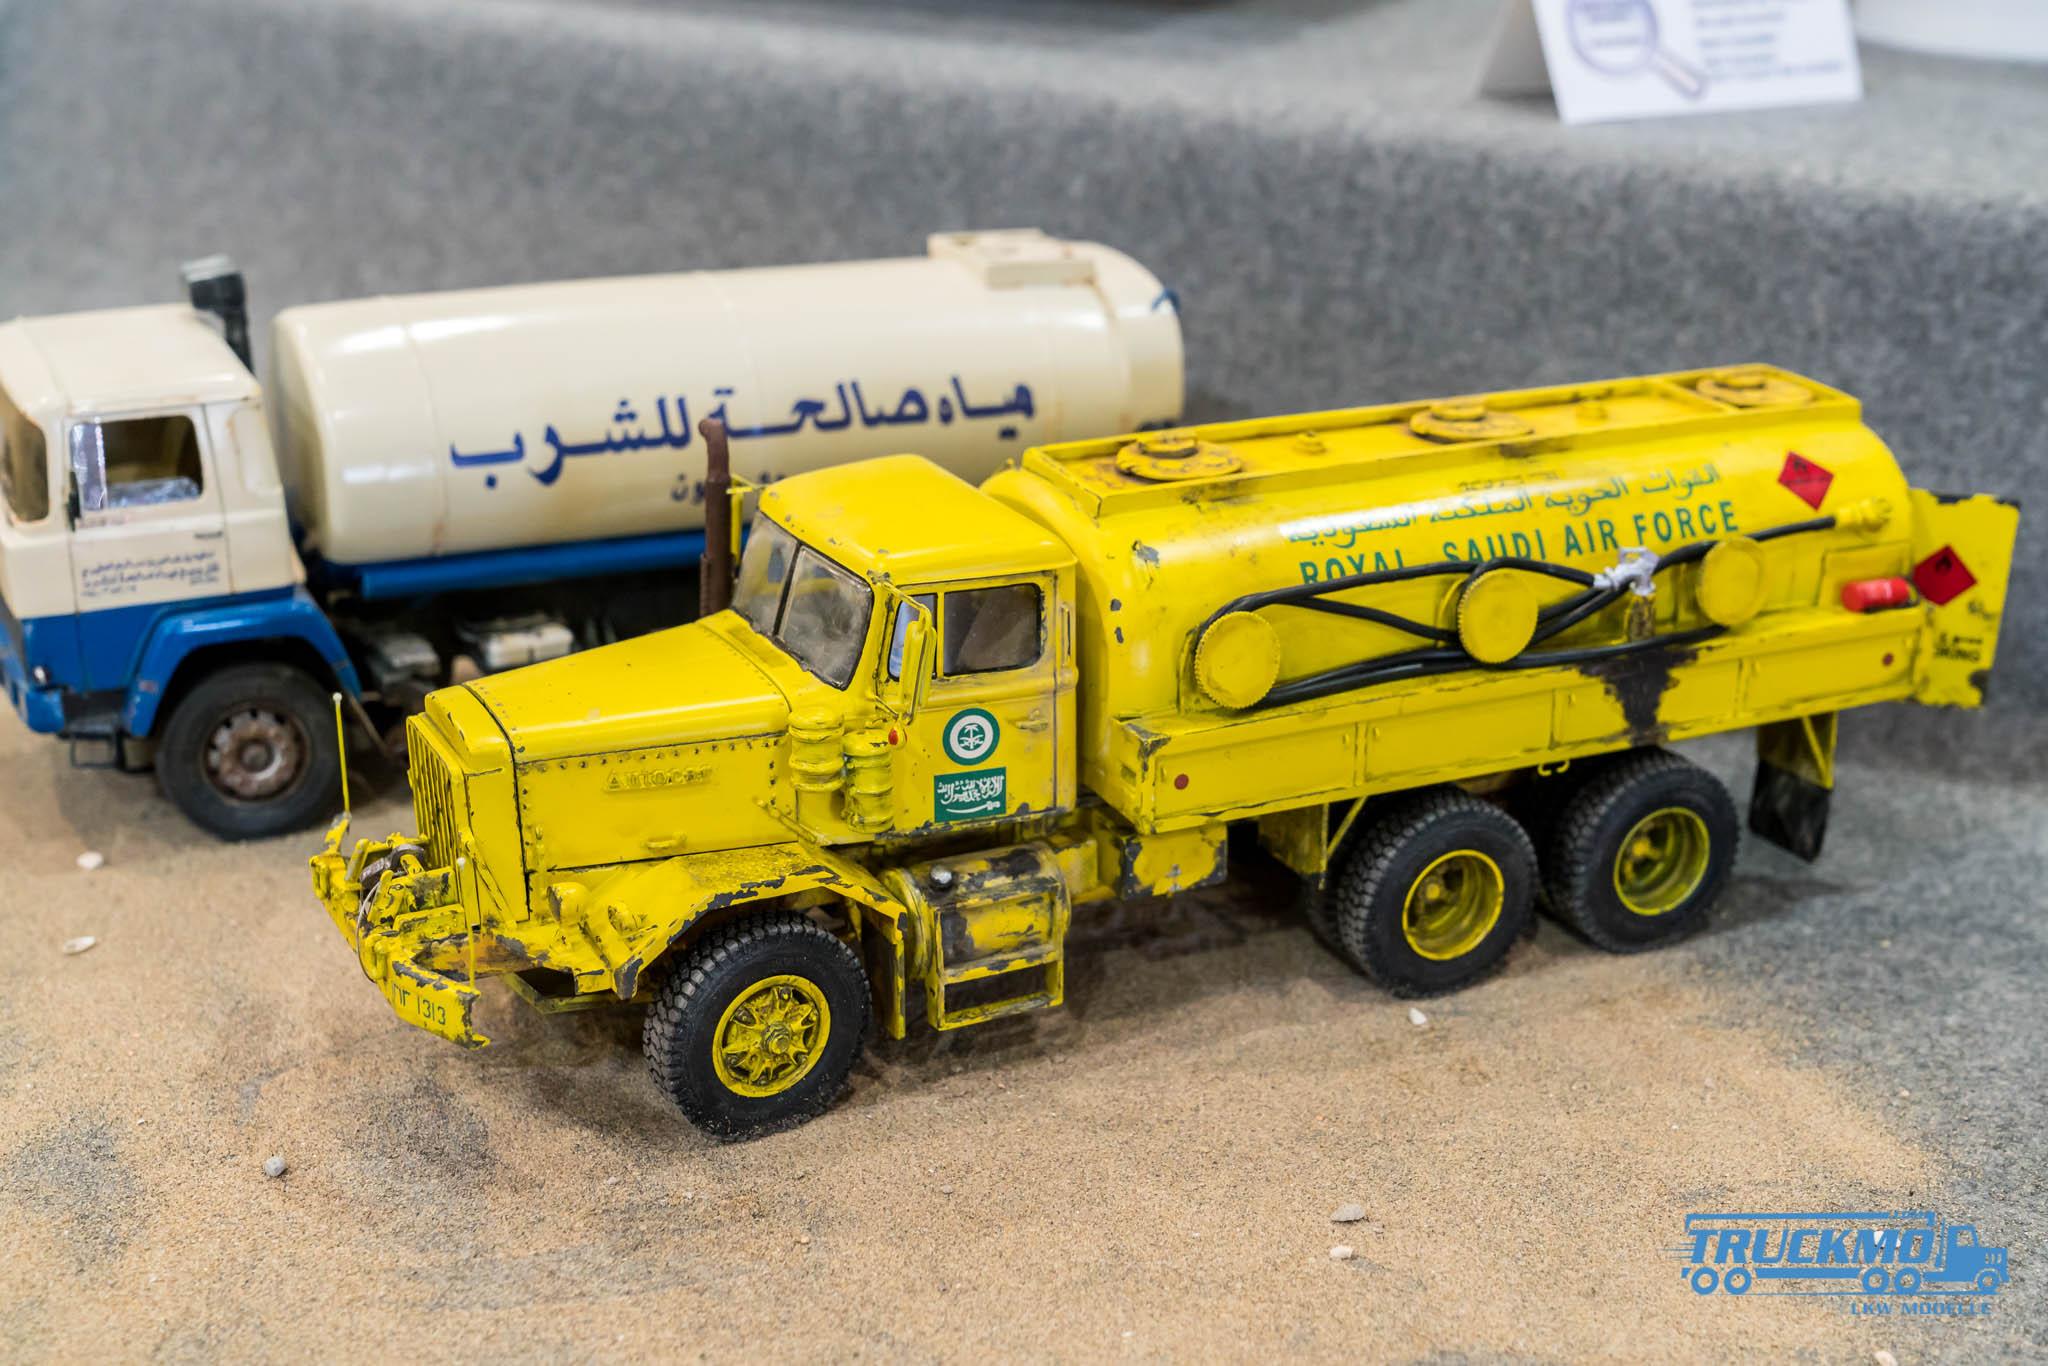 Truckmo_Modellbau_Ried_2017_Herpa_Messe_Modellbauausstellung (430 von 1177)